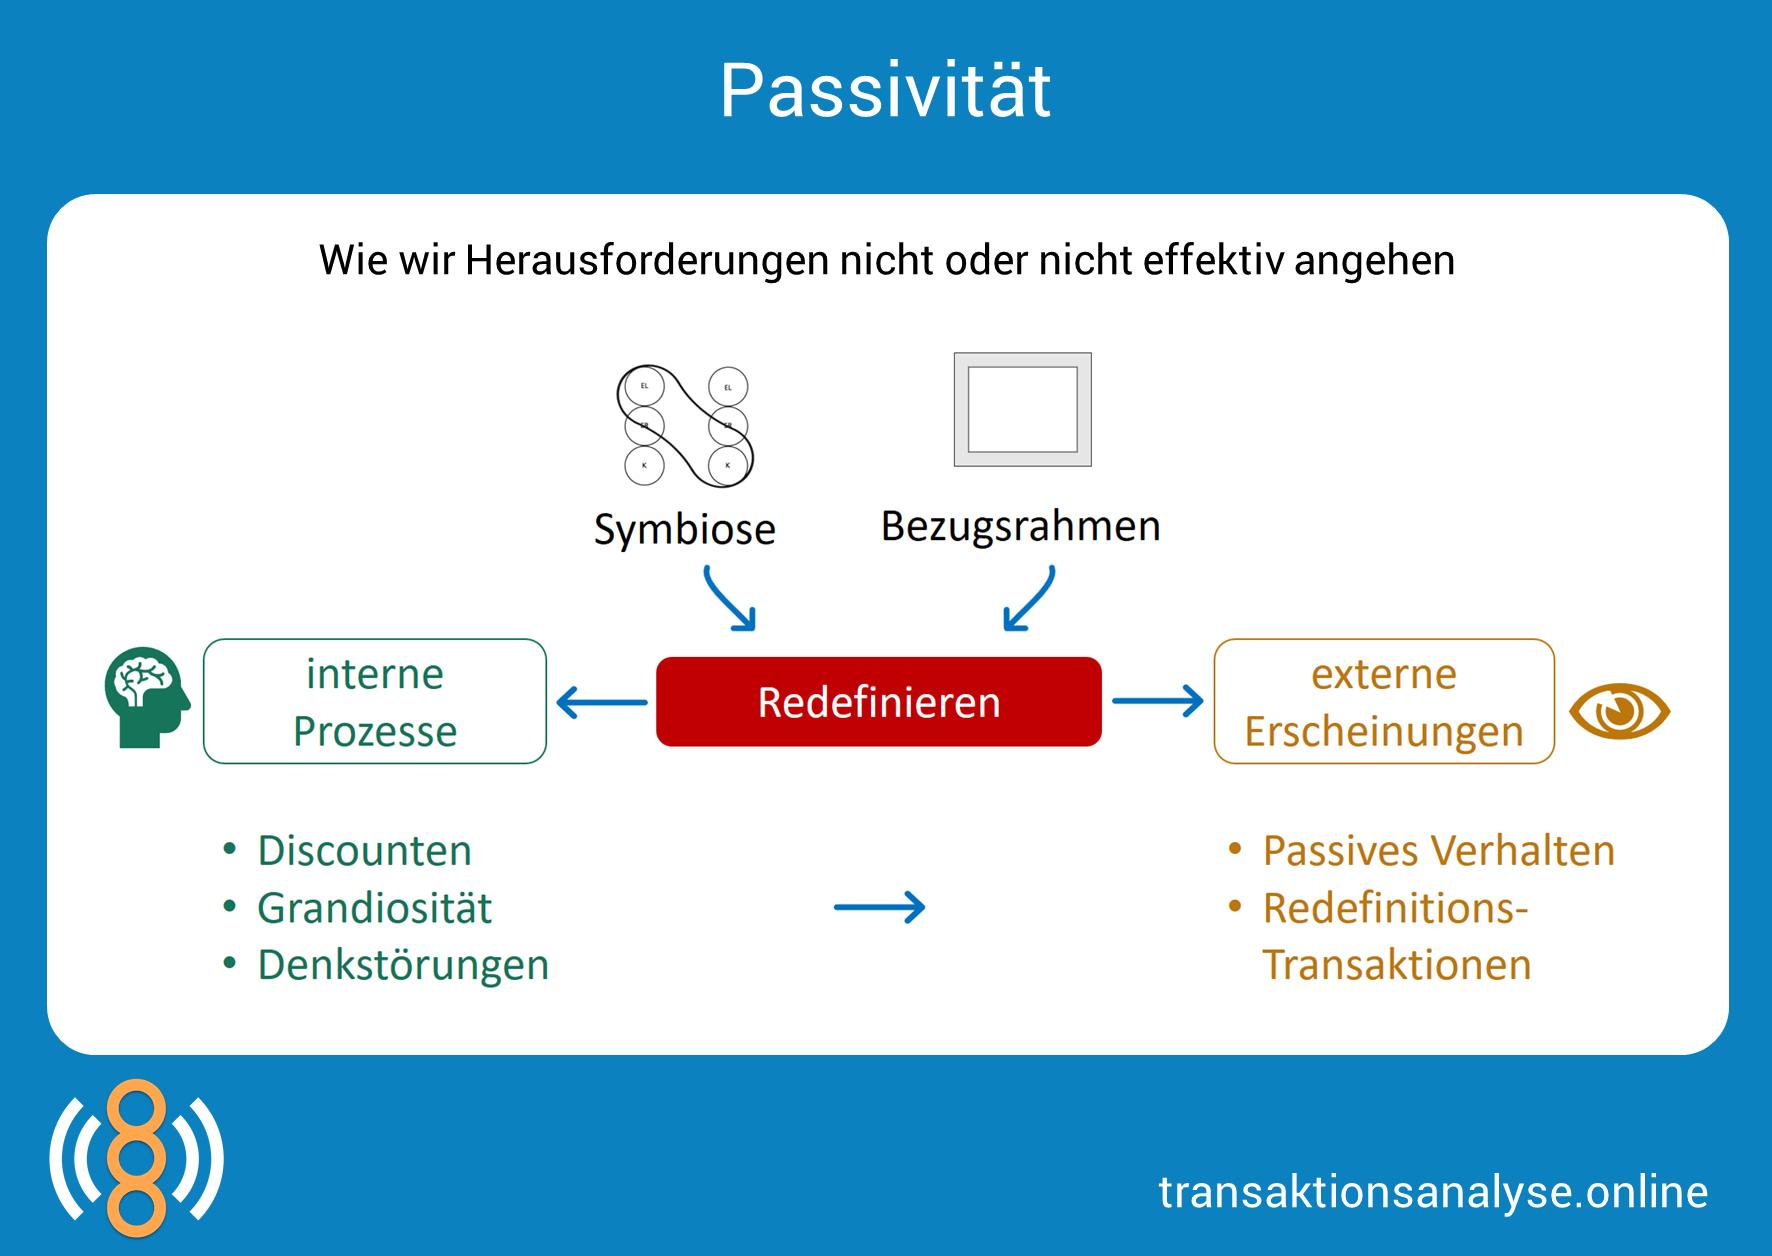 Passivität (Transaktionsanalyse)